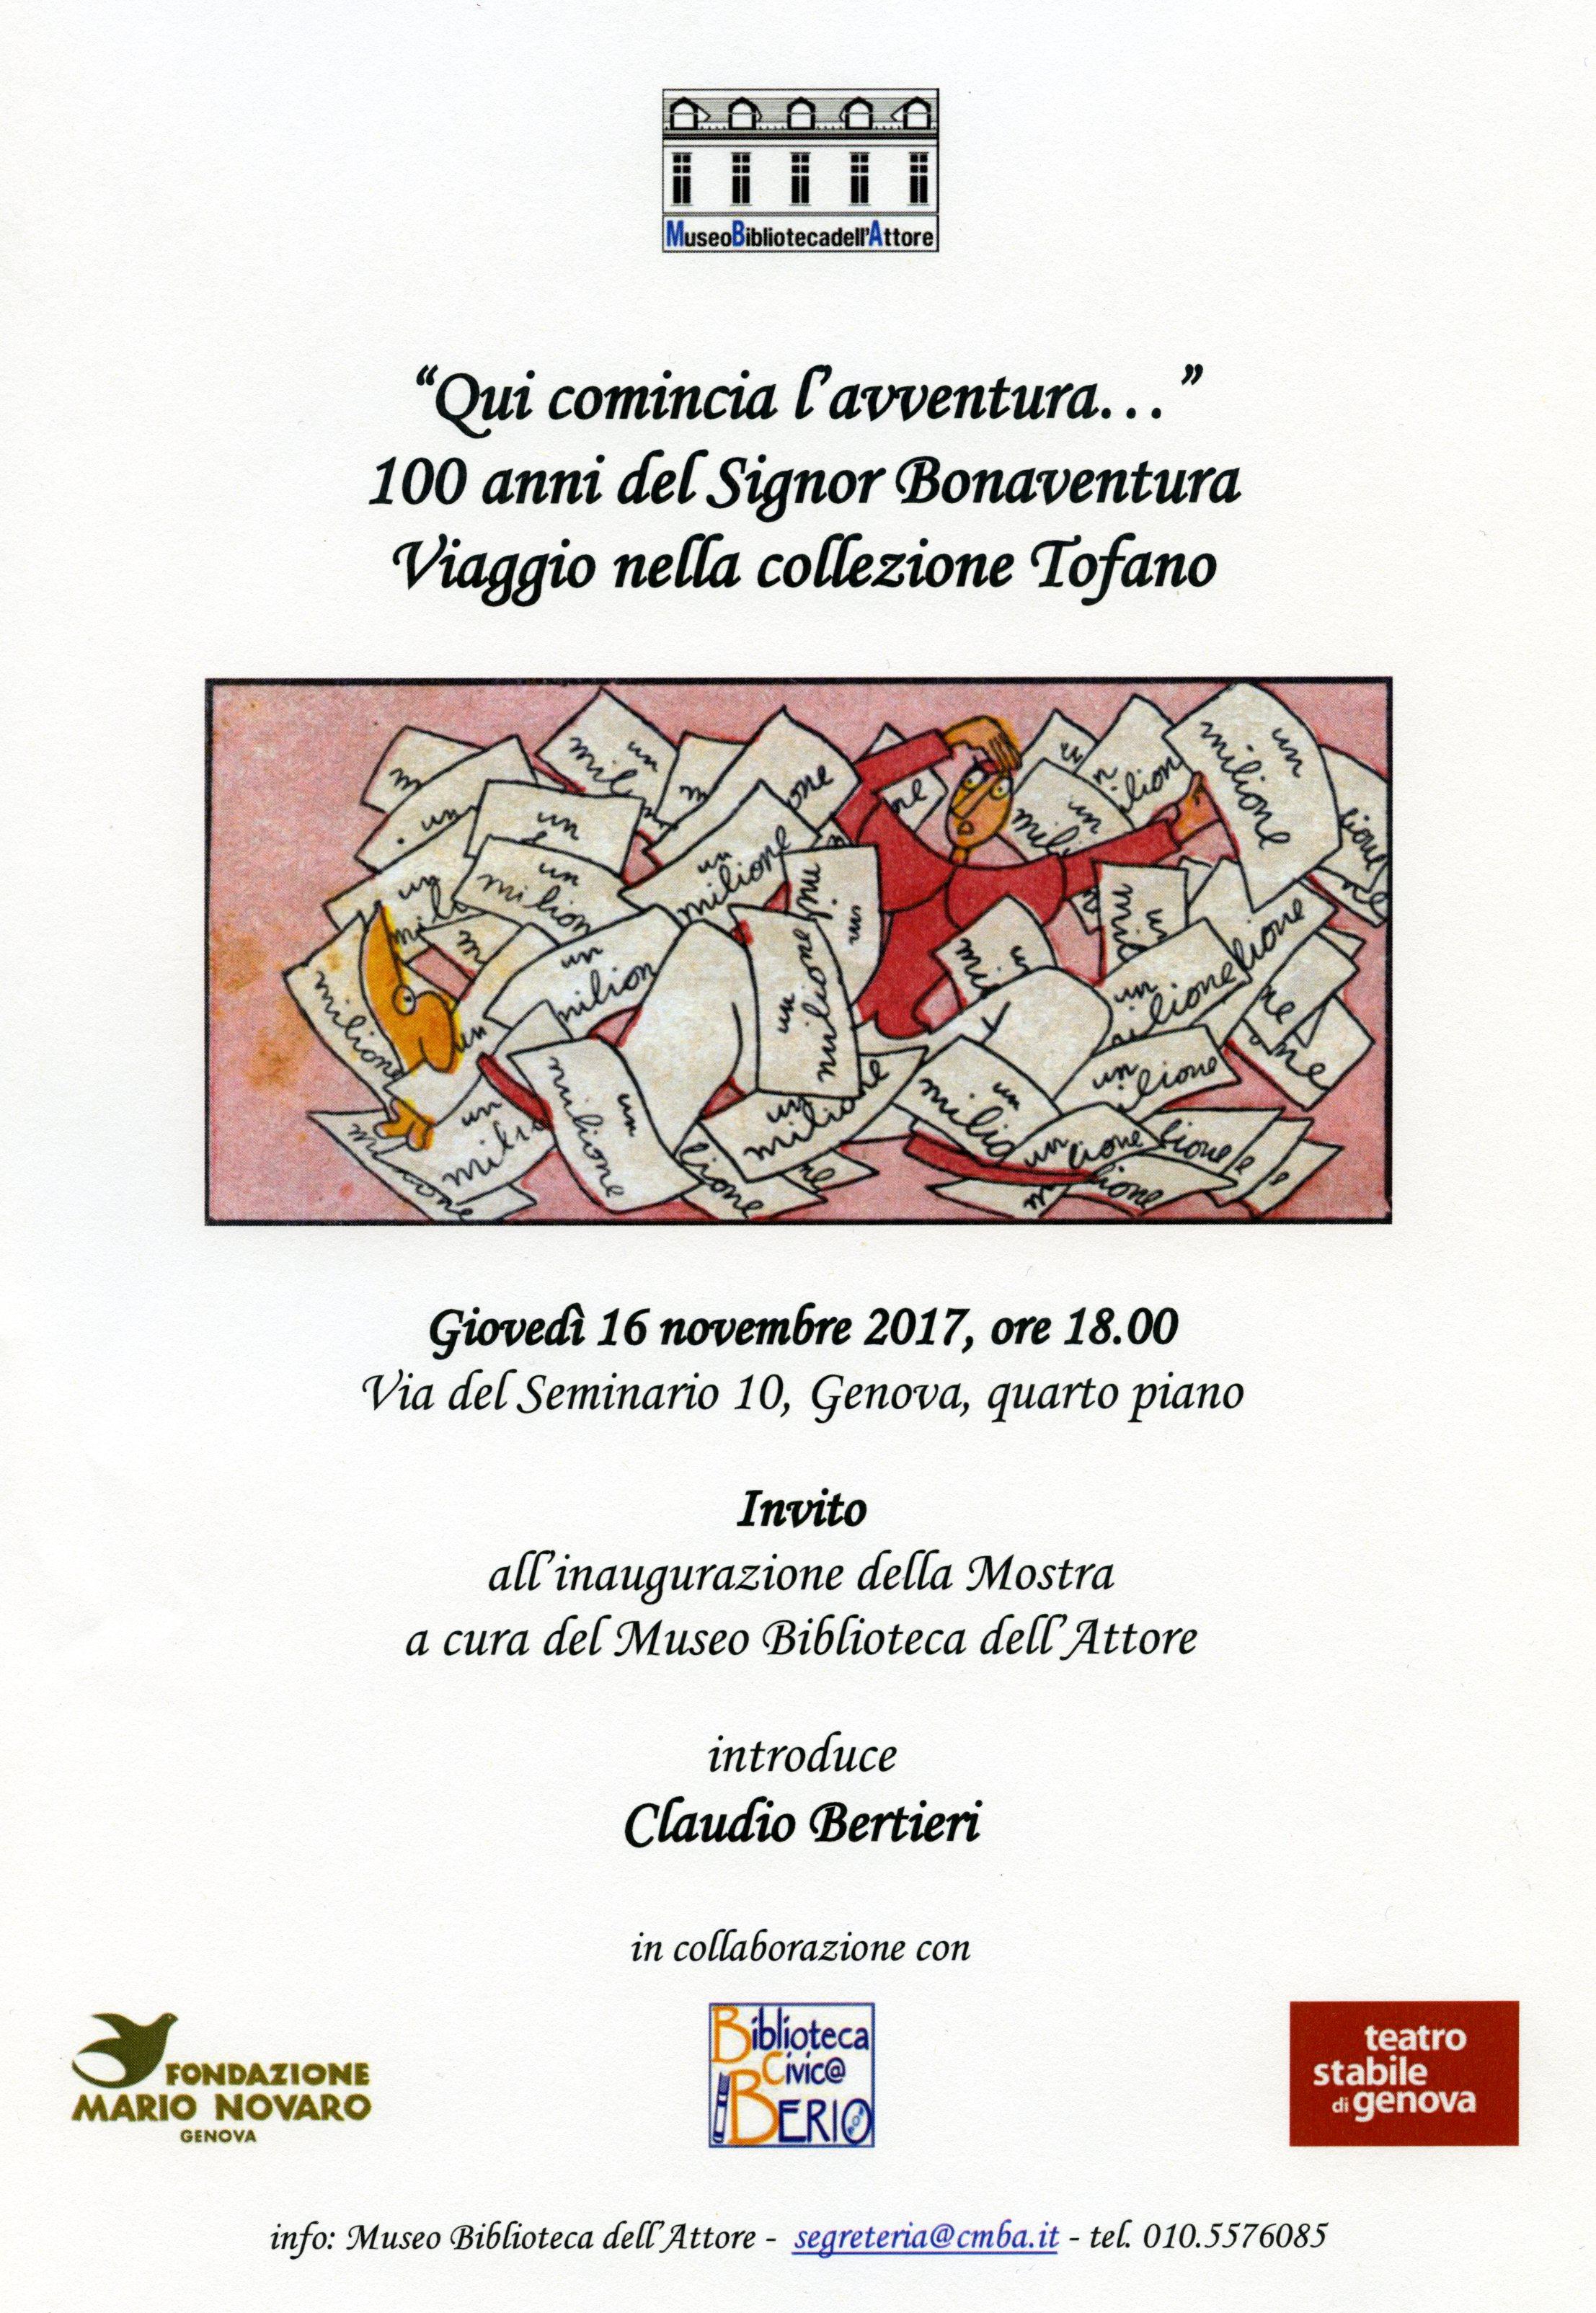 Invito Signor Bonaventura 16_11_2017 001